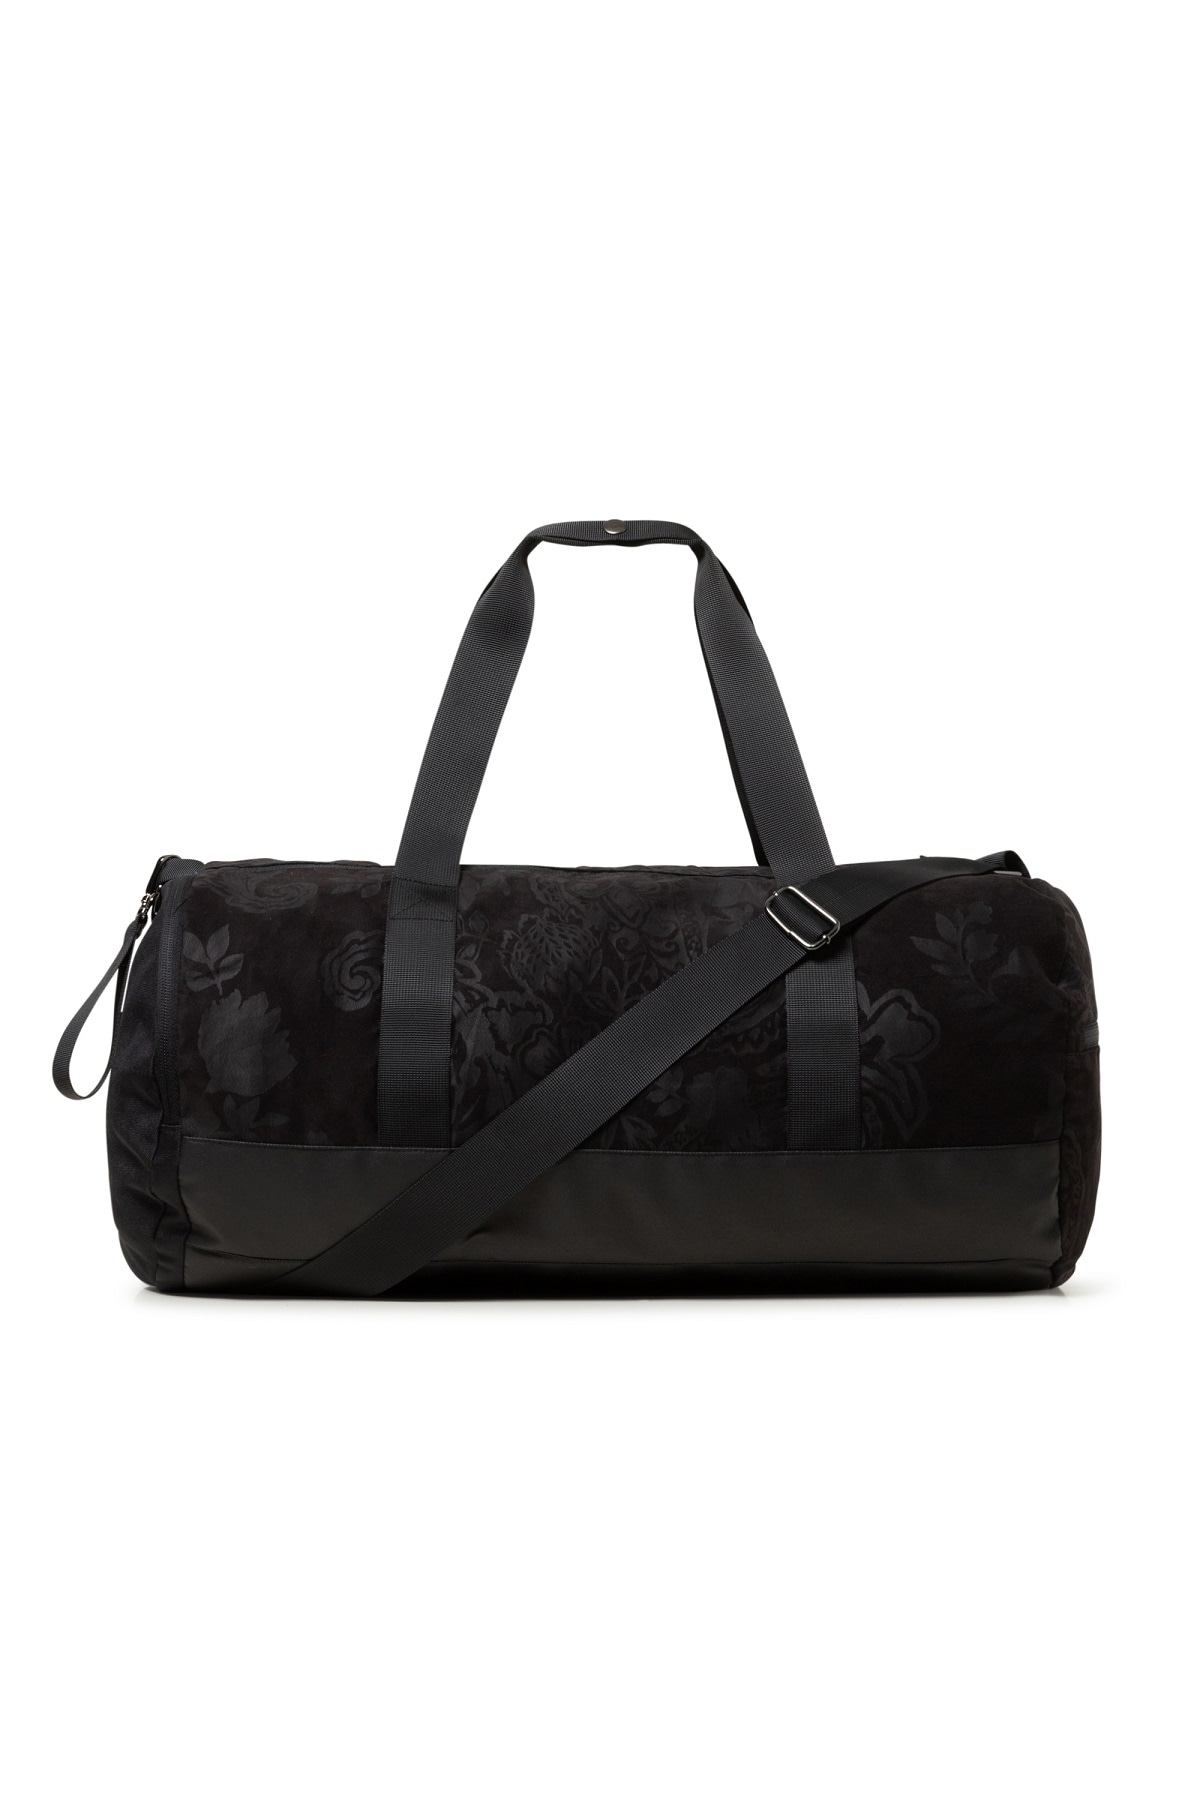 Sportovní taška dámská DESIGUAL BAG ETHNIC